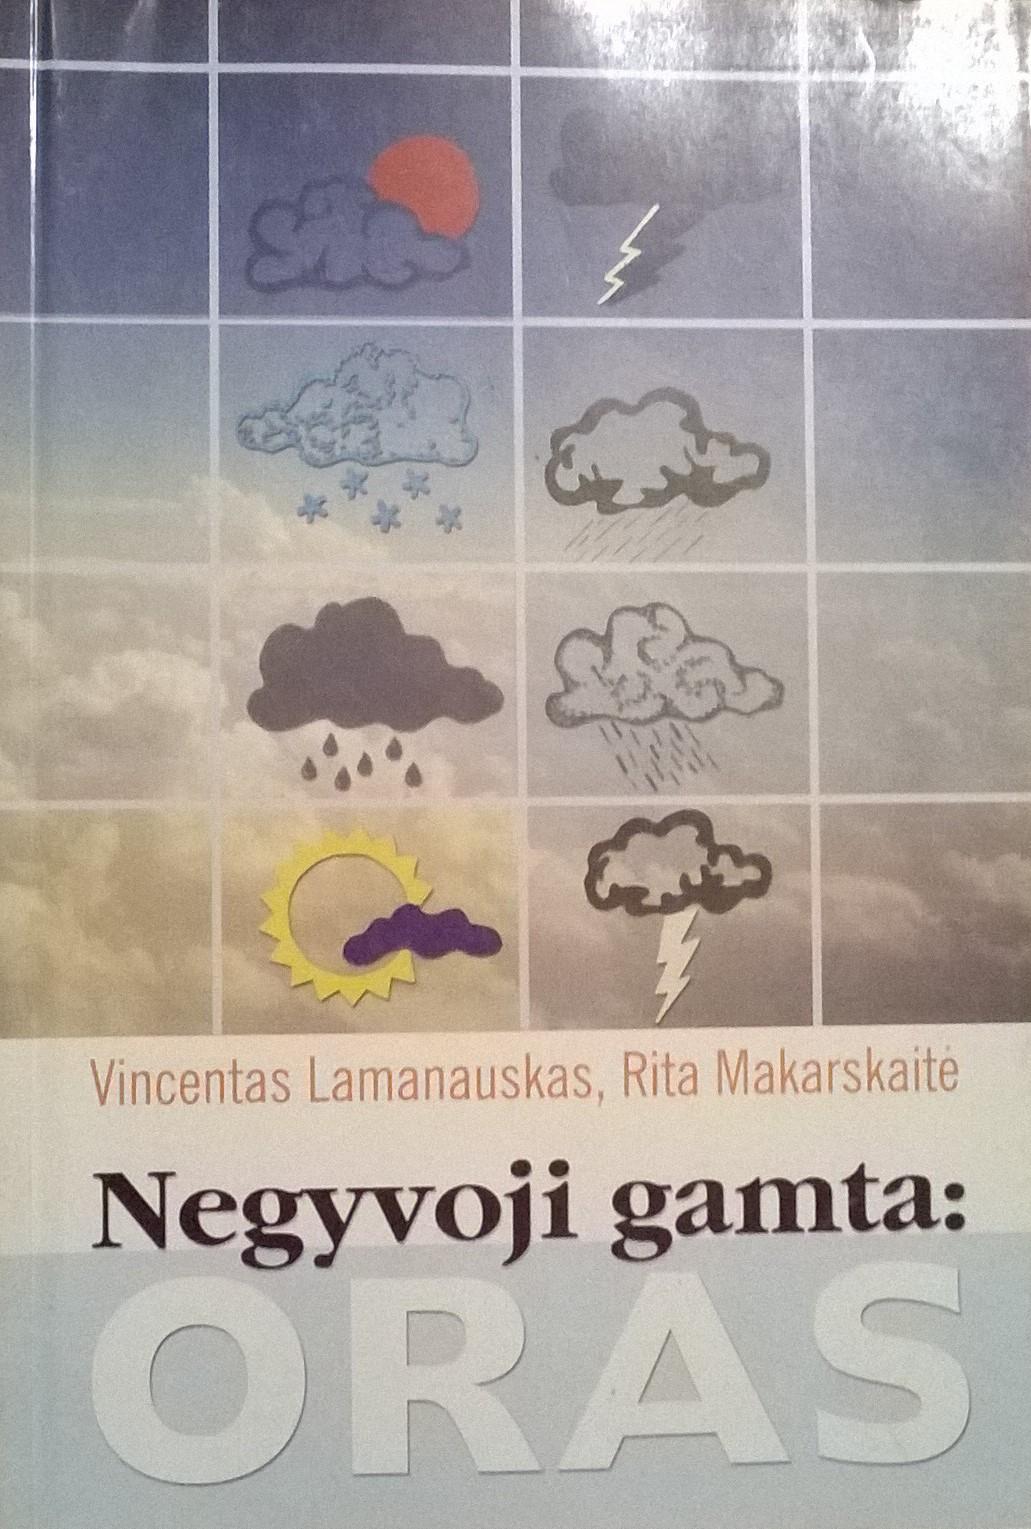 V. Lamanauskas, R. Makarskaitė. Negyvoji gamta: oras